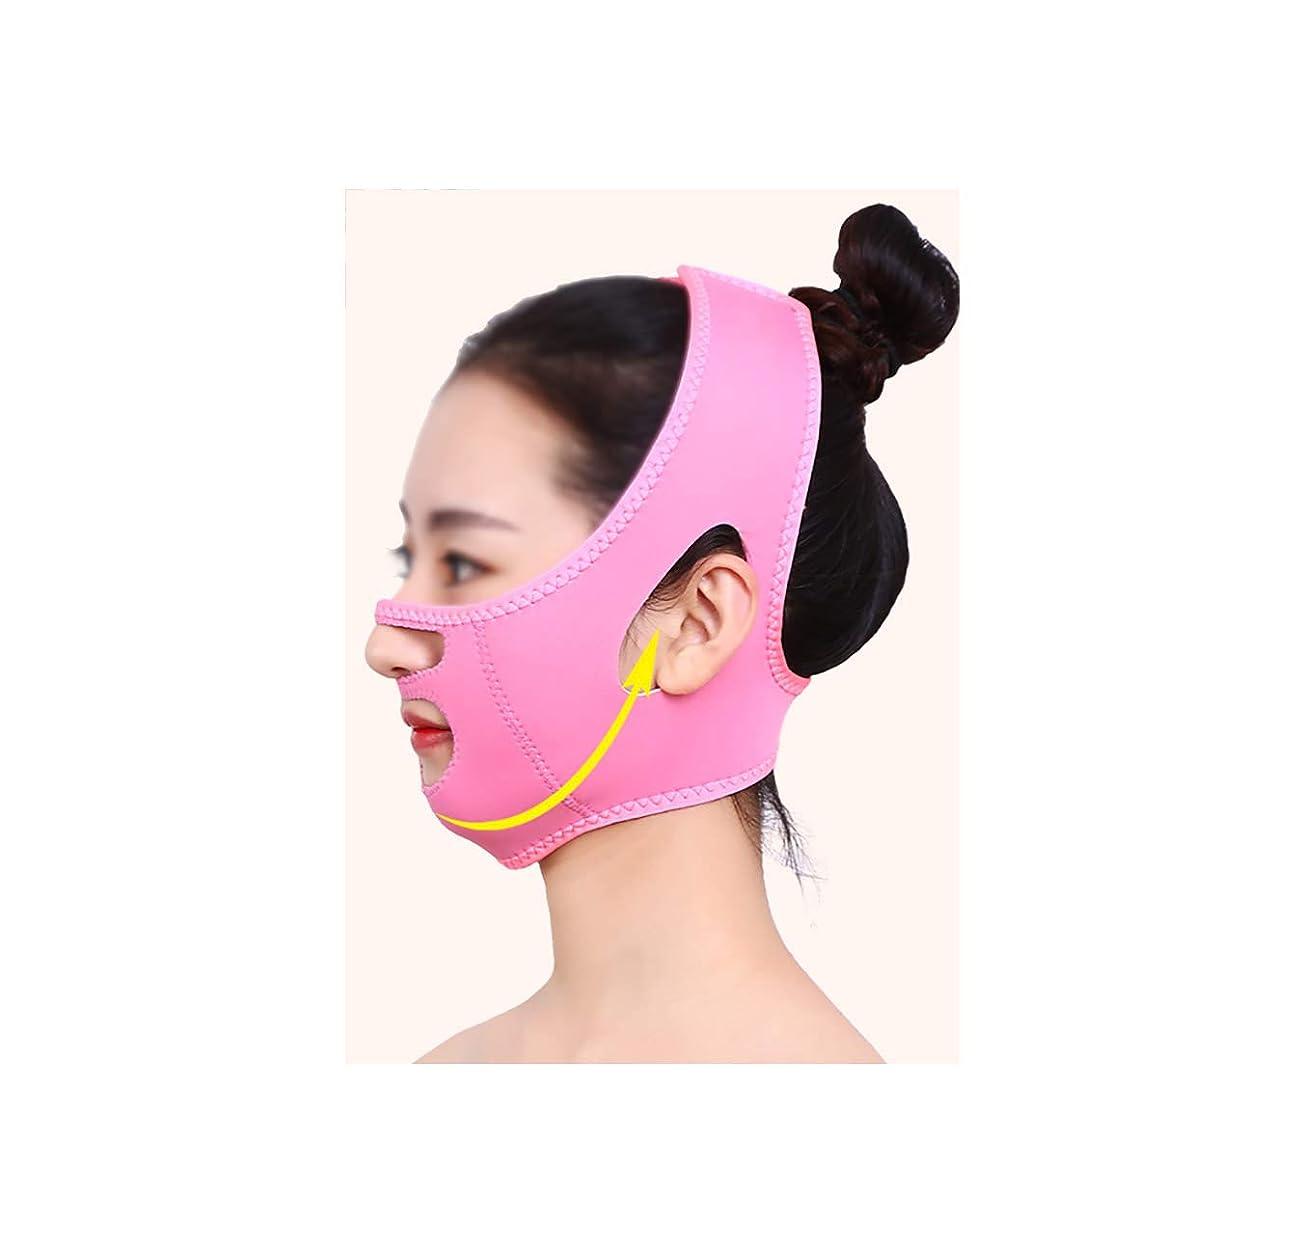 ダニコース中国TLMY 薄い顔マスクマスク顔機美容機器ローラー顔薄い顔Vフェイスマスク二重あご包帯アーティファクト 顔用整形マスク